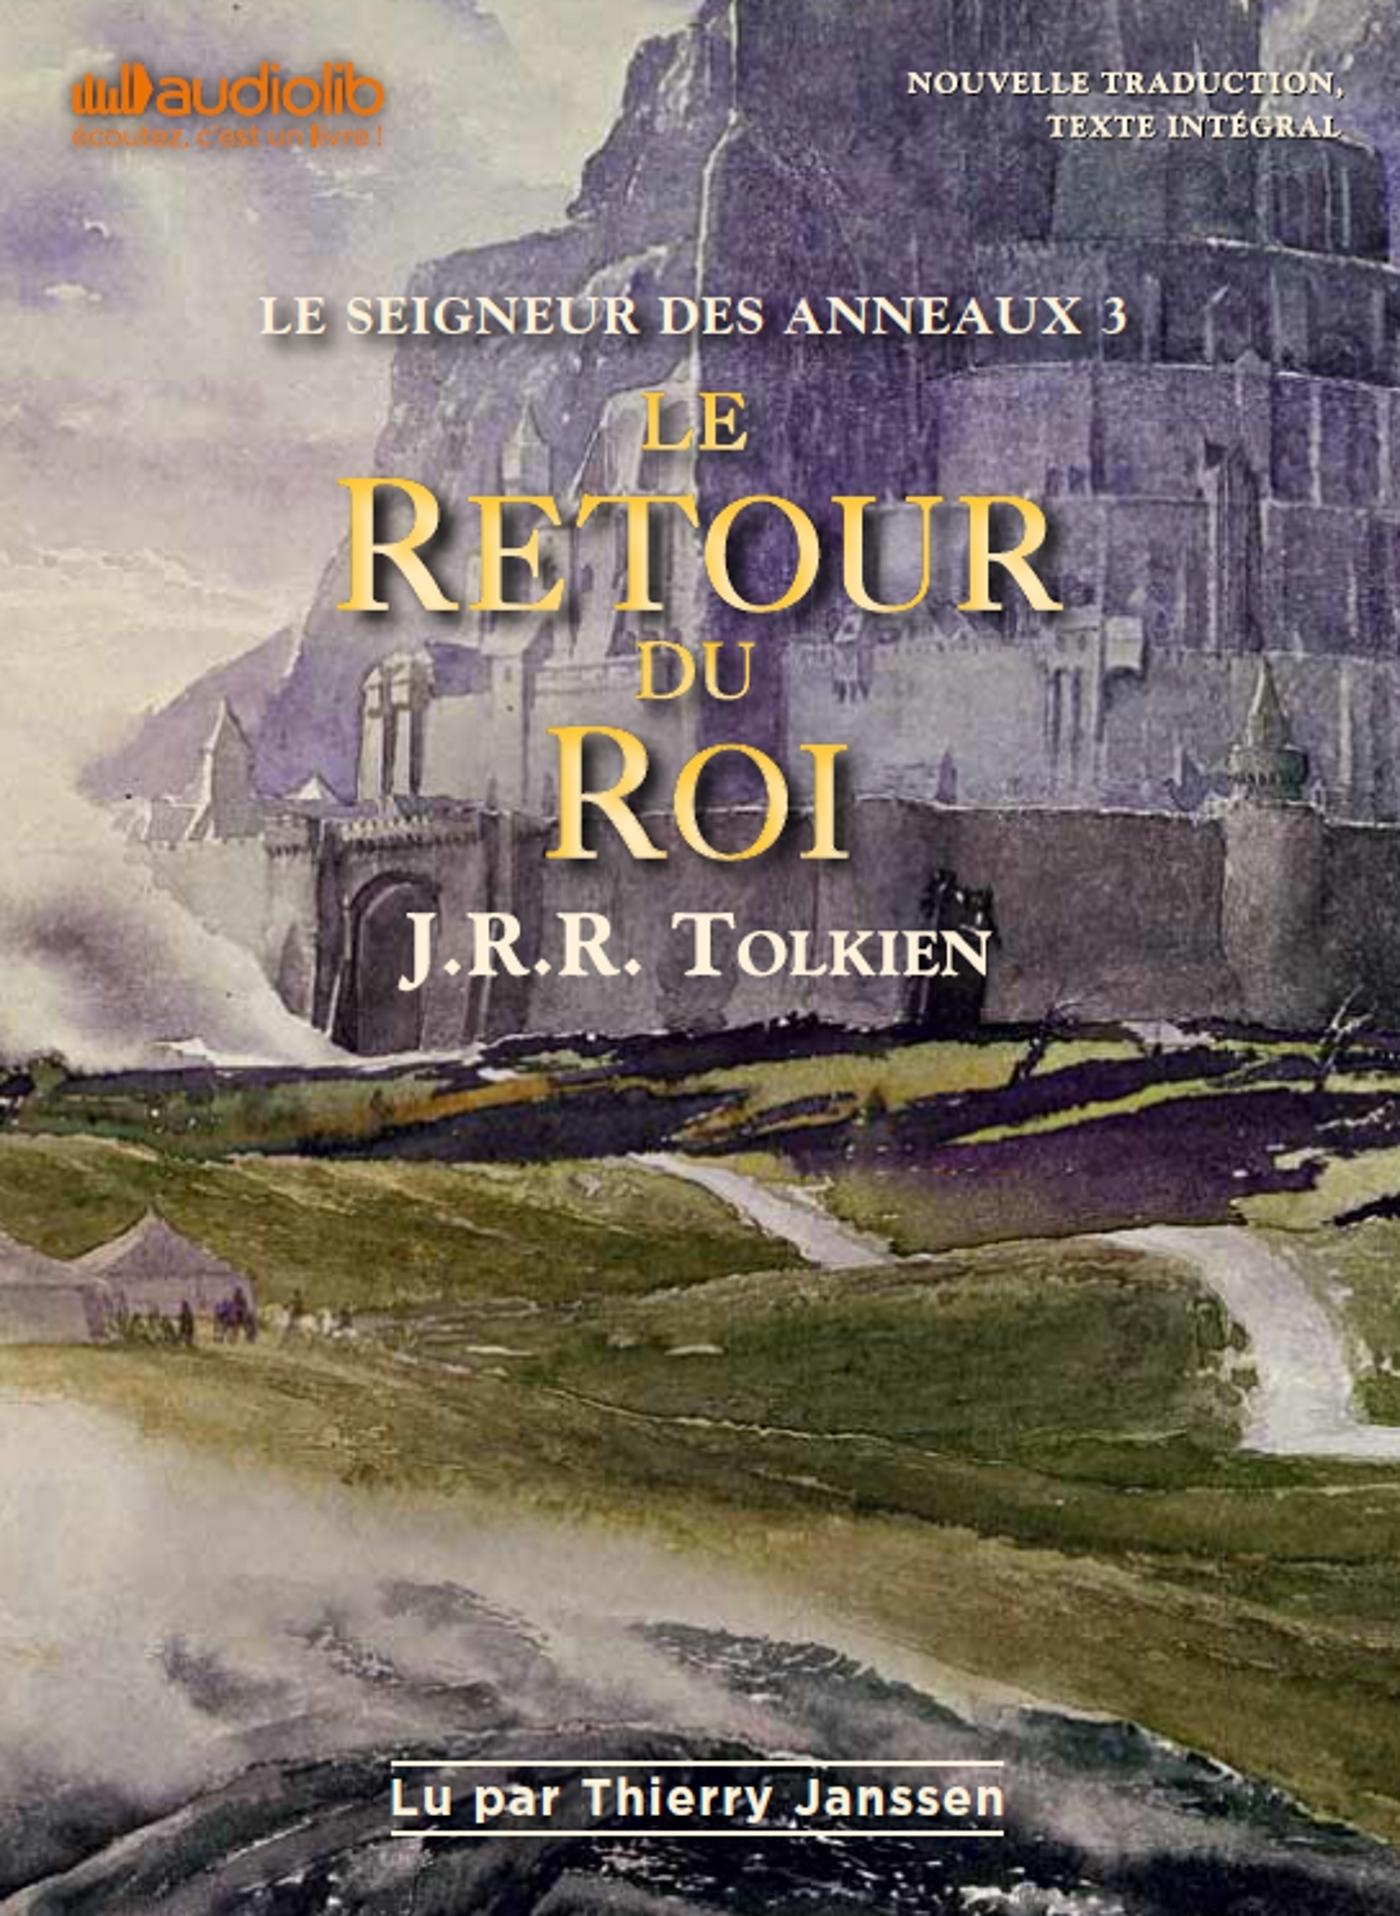 LE SEIGNEUR DES ANNEAUX 3 - LE RETOUR DU ROI - LIVRE AUDIO 2CD MP3